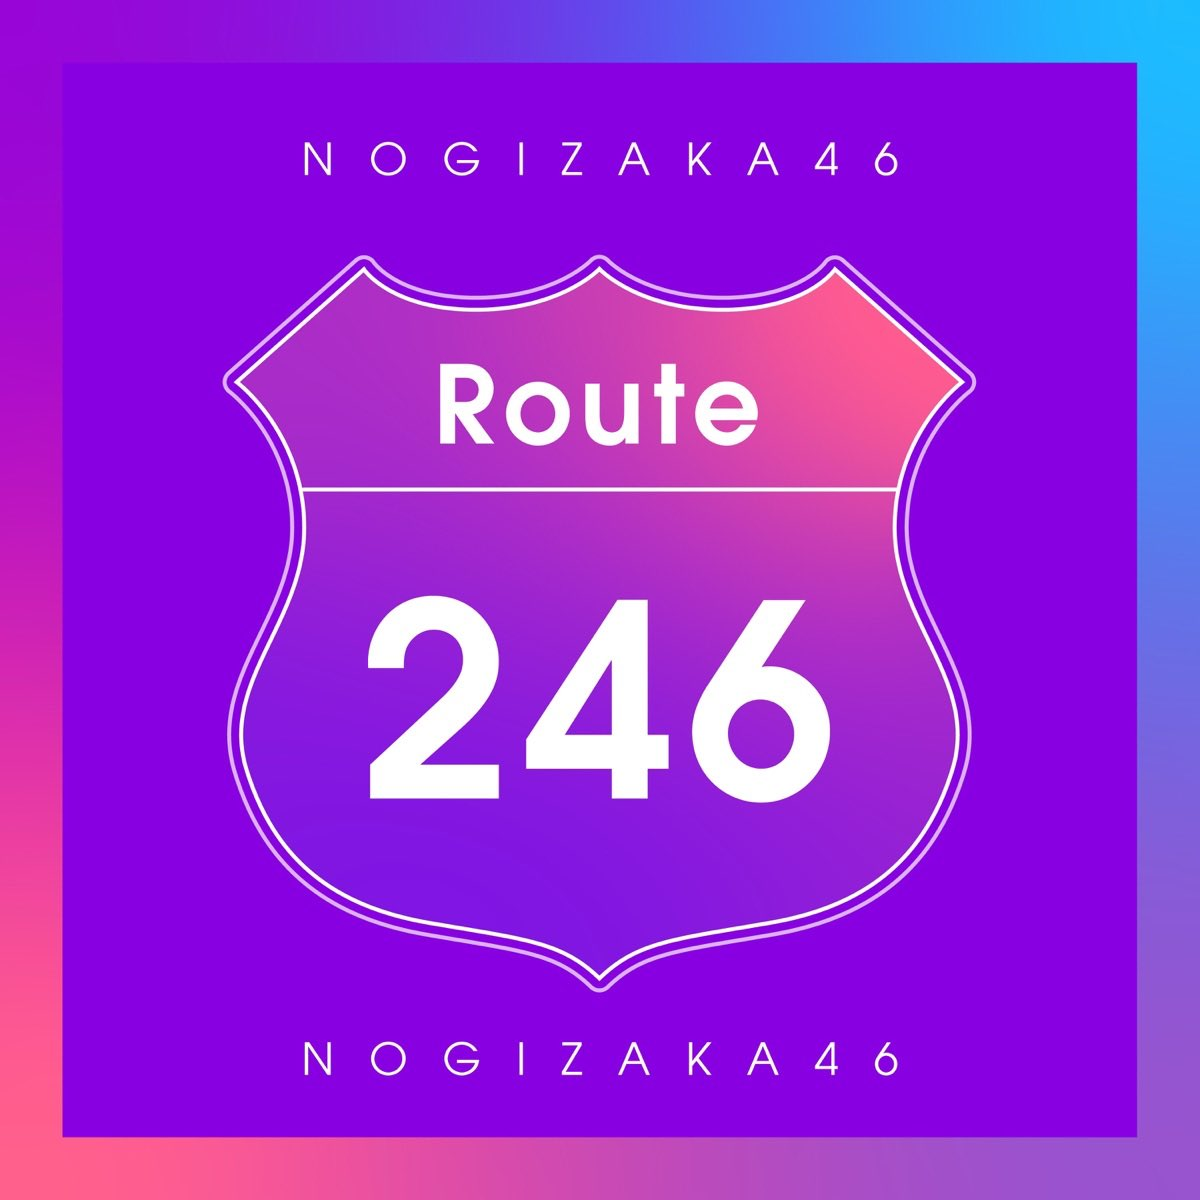 乃木坂46 - Route 246 Lyrics